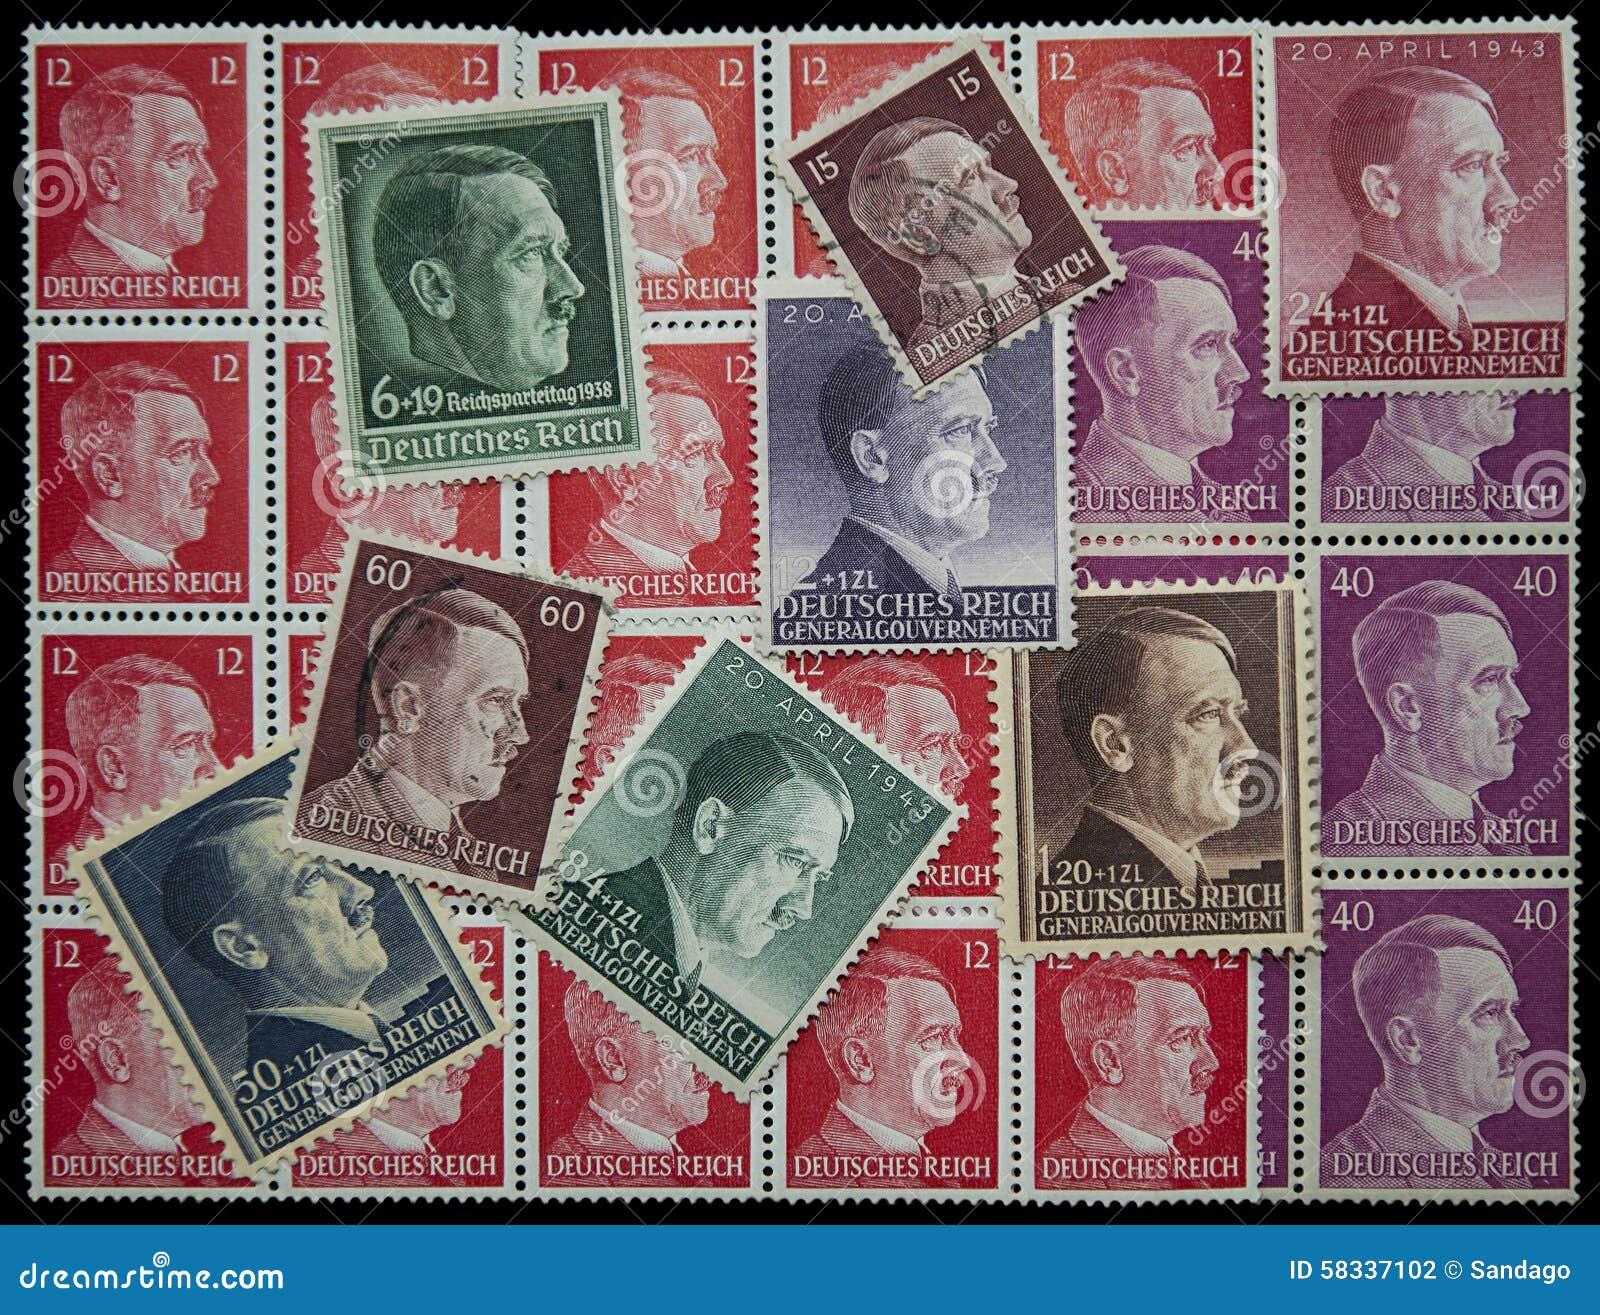 阿道夫・希特勒岗位邮票